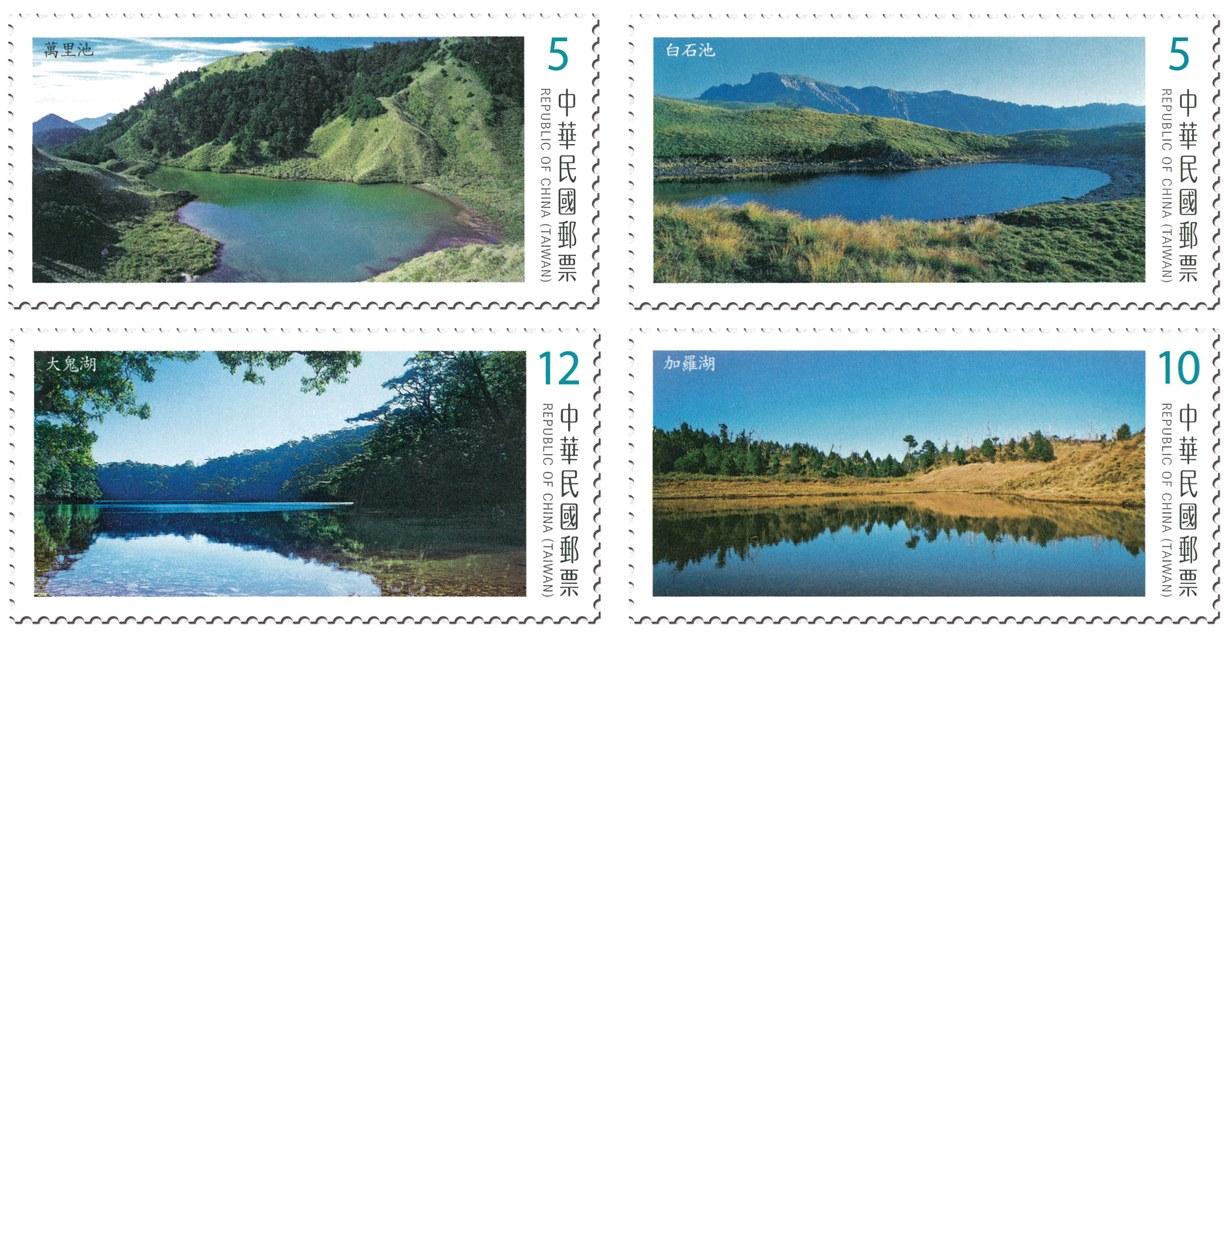 臺灣高山湖泊郵票(第2輯)